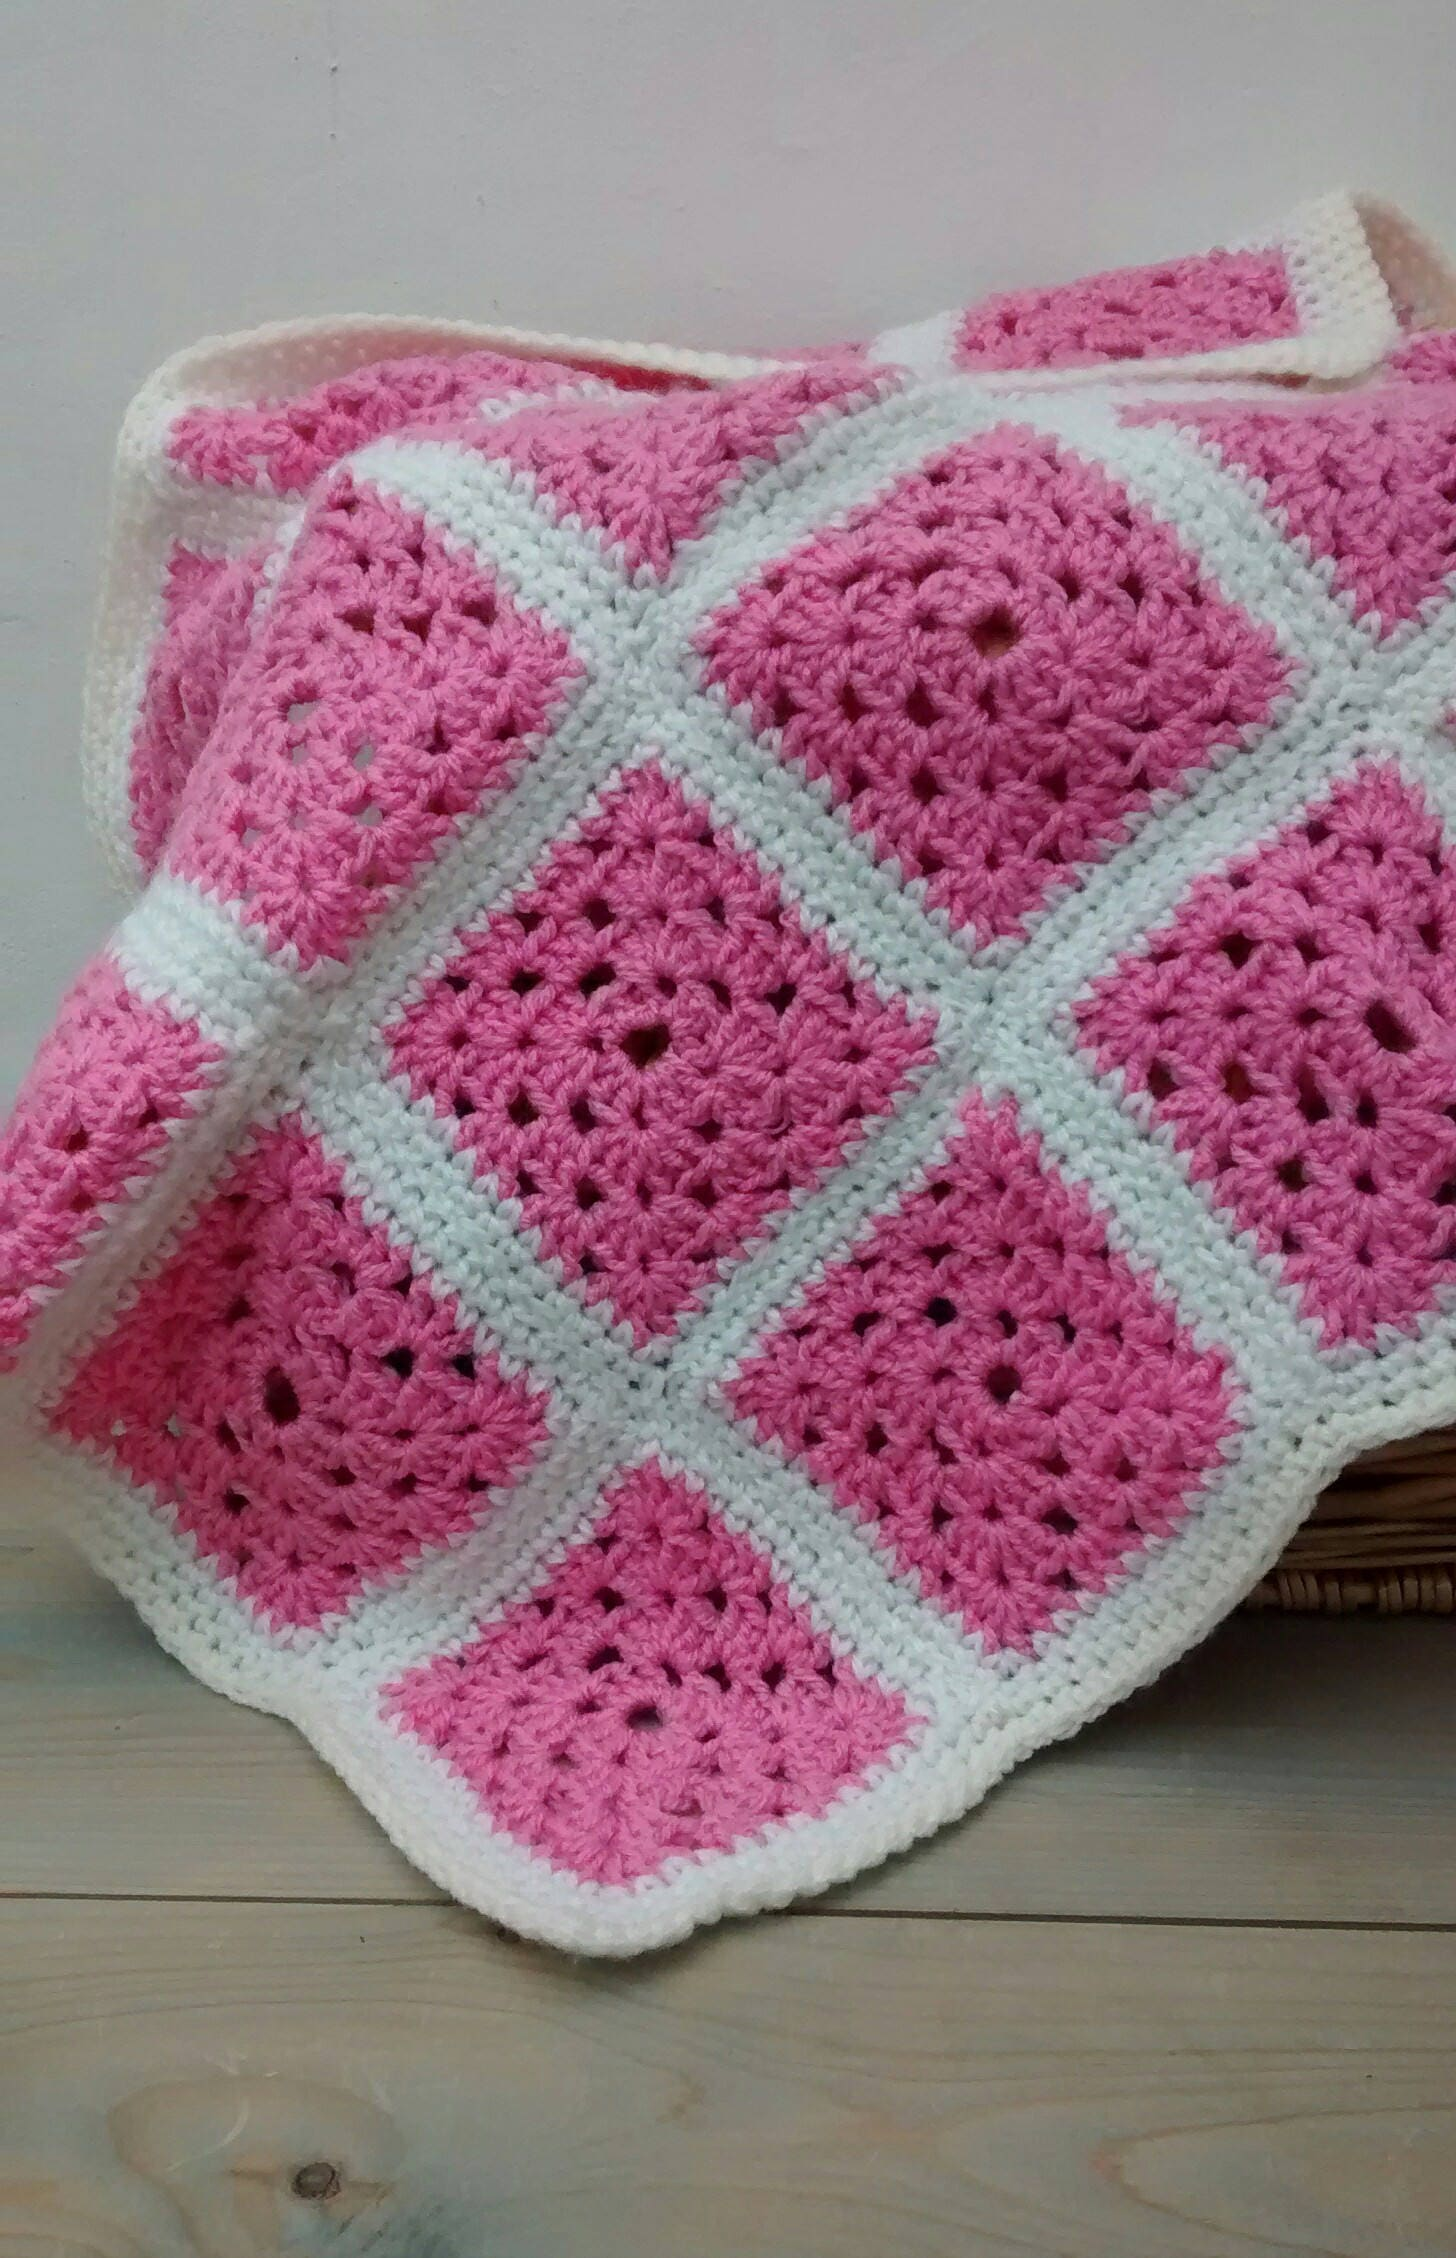 Baby Blanket  Pink Blanket  Handmade Crochet Blanket   Baby Pram Blanket   Granny Square Blanket  Baby Girl  Baby Shower Gift